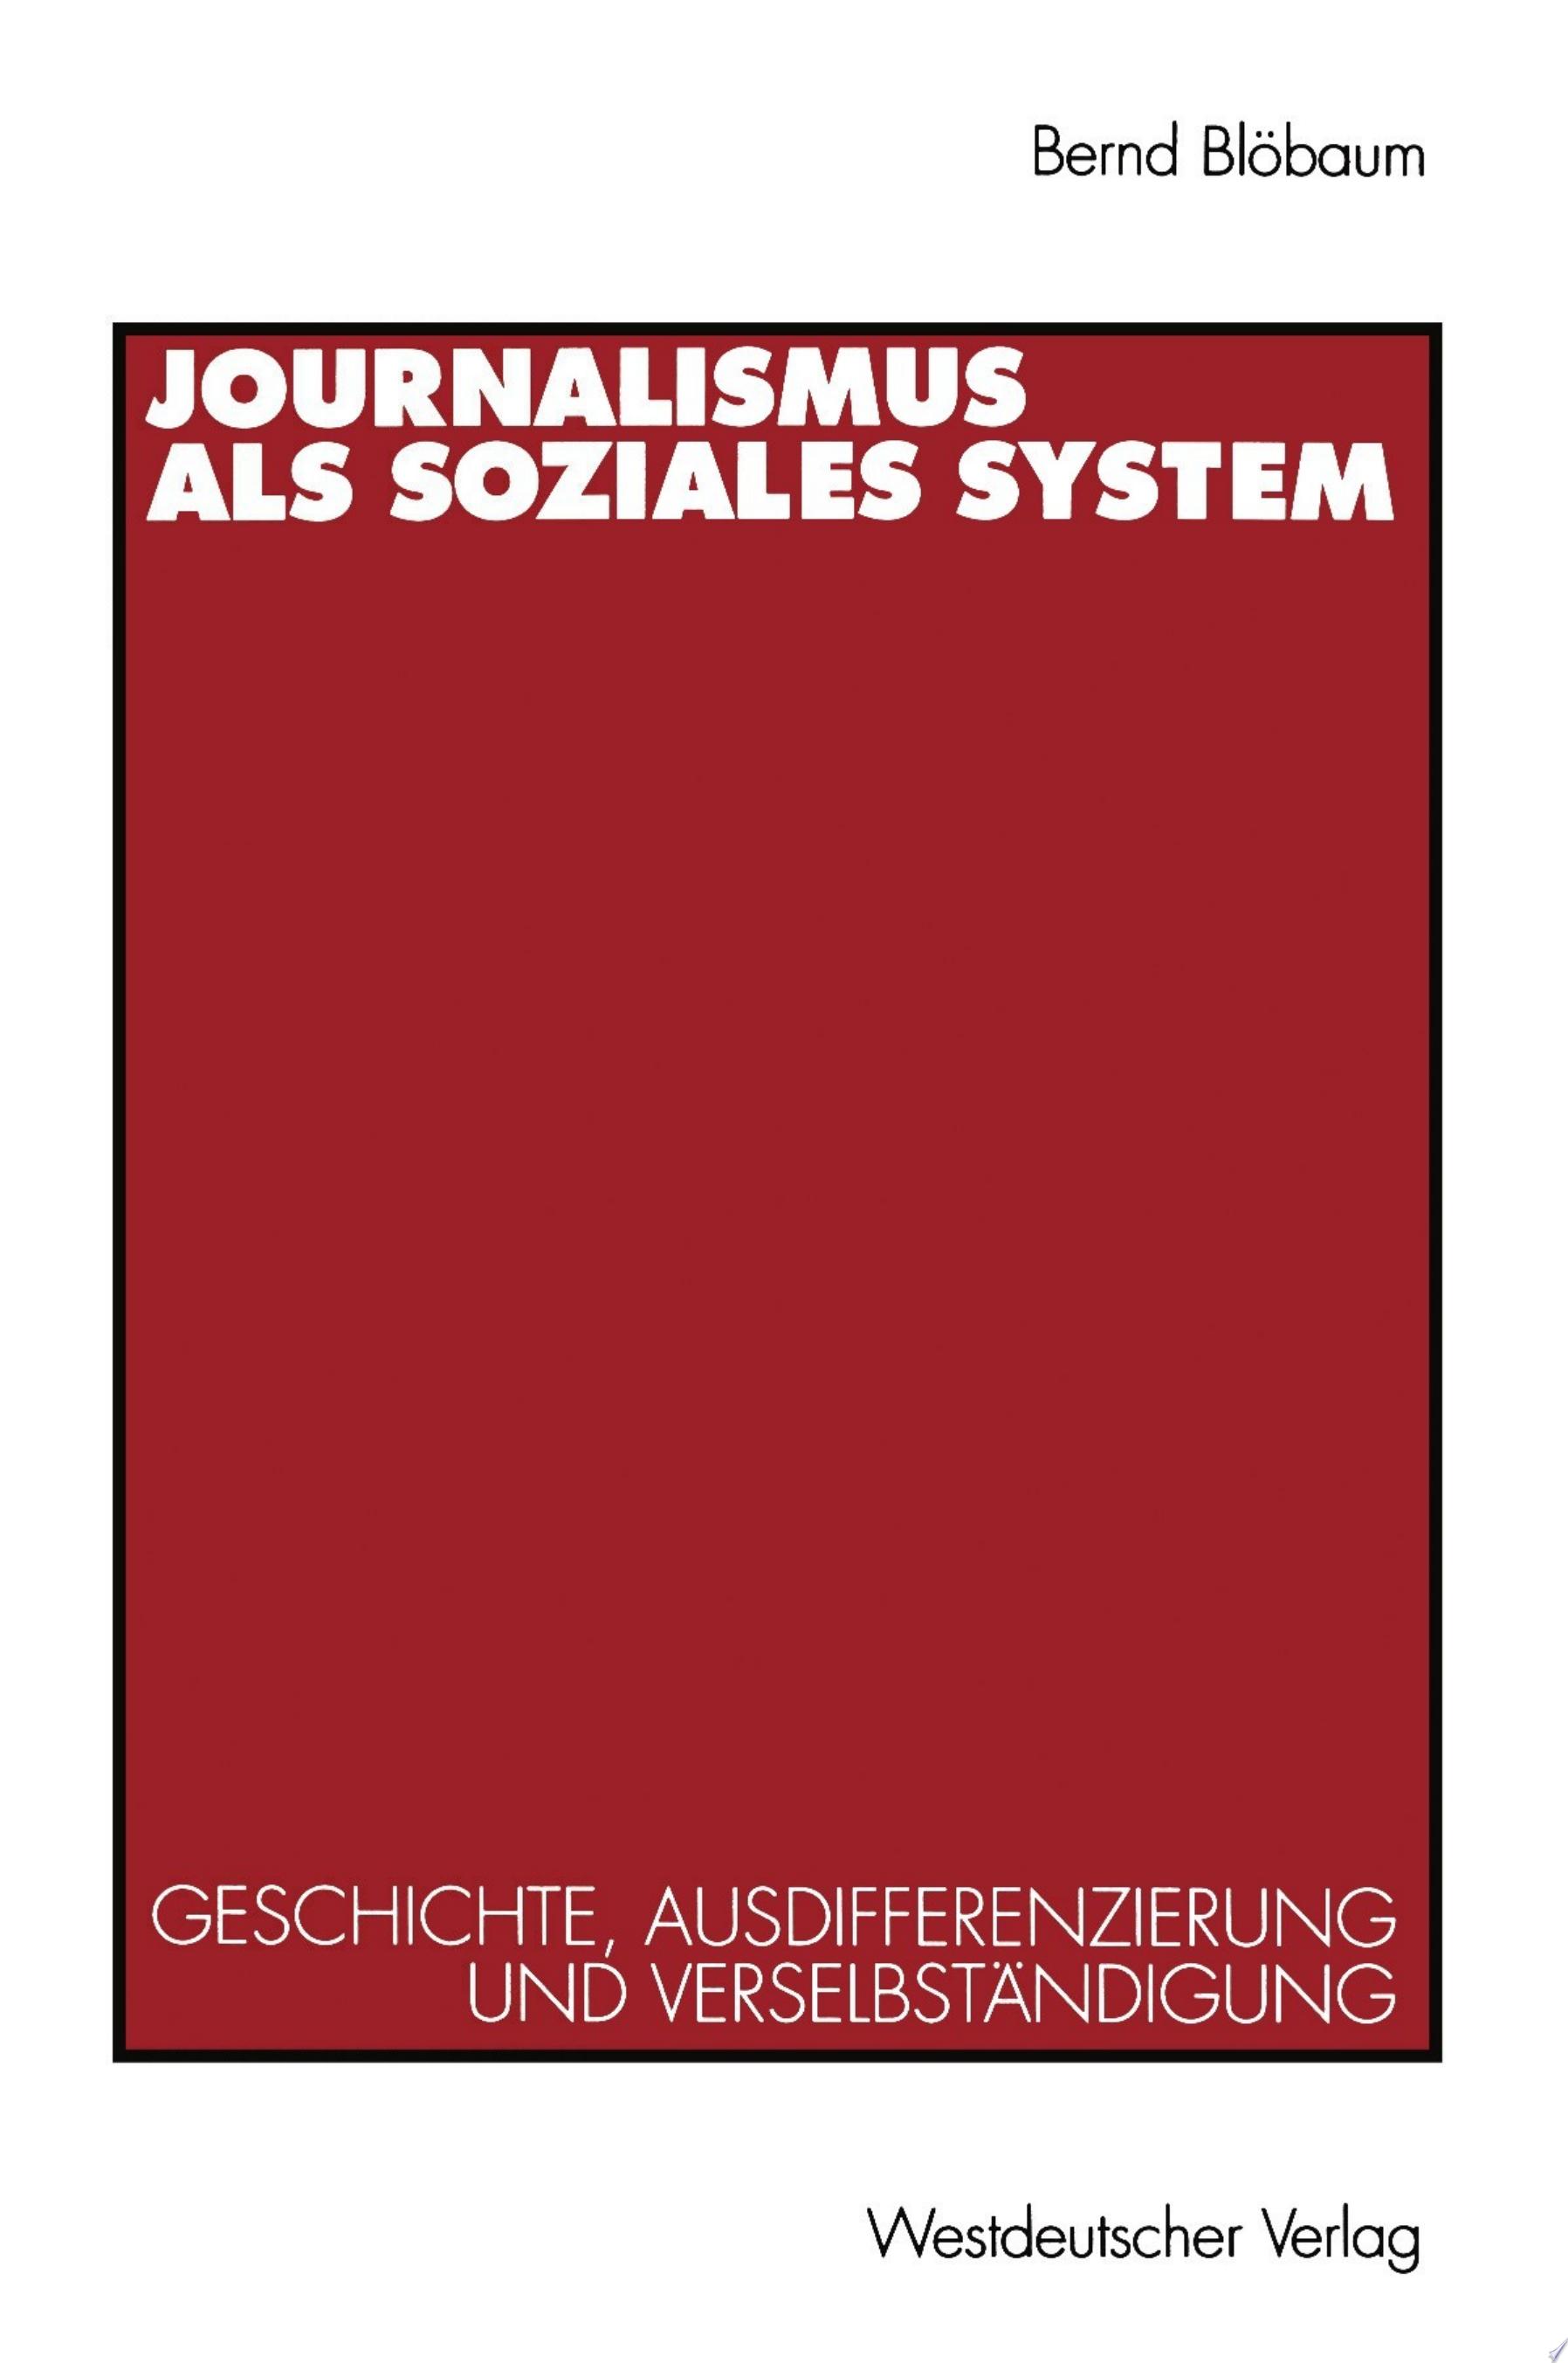 Journalismus als soziales System